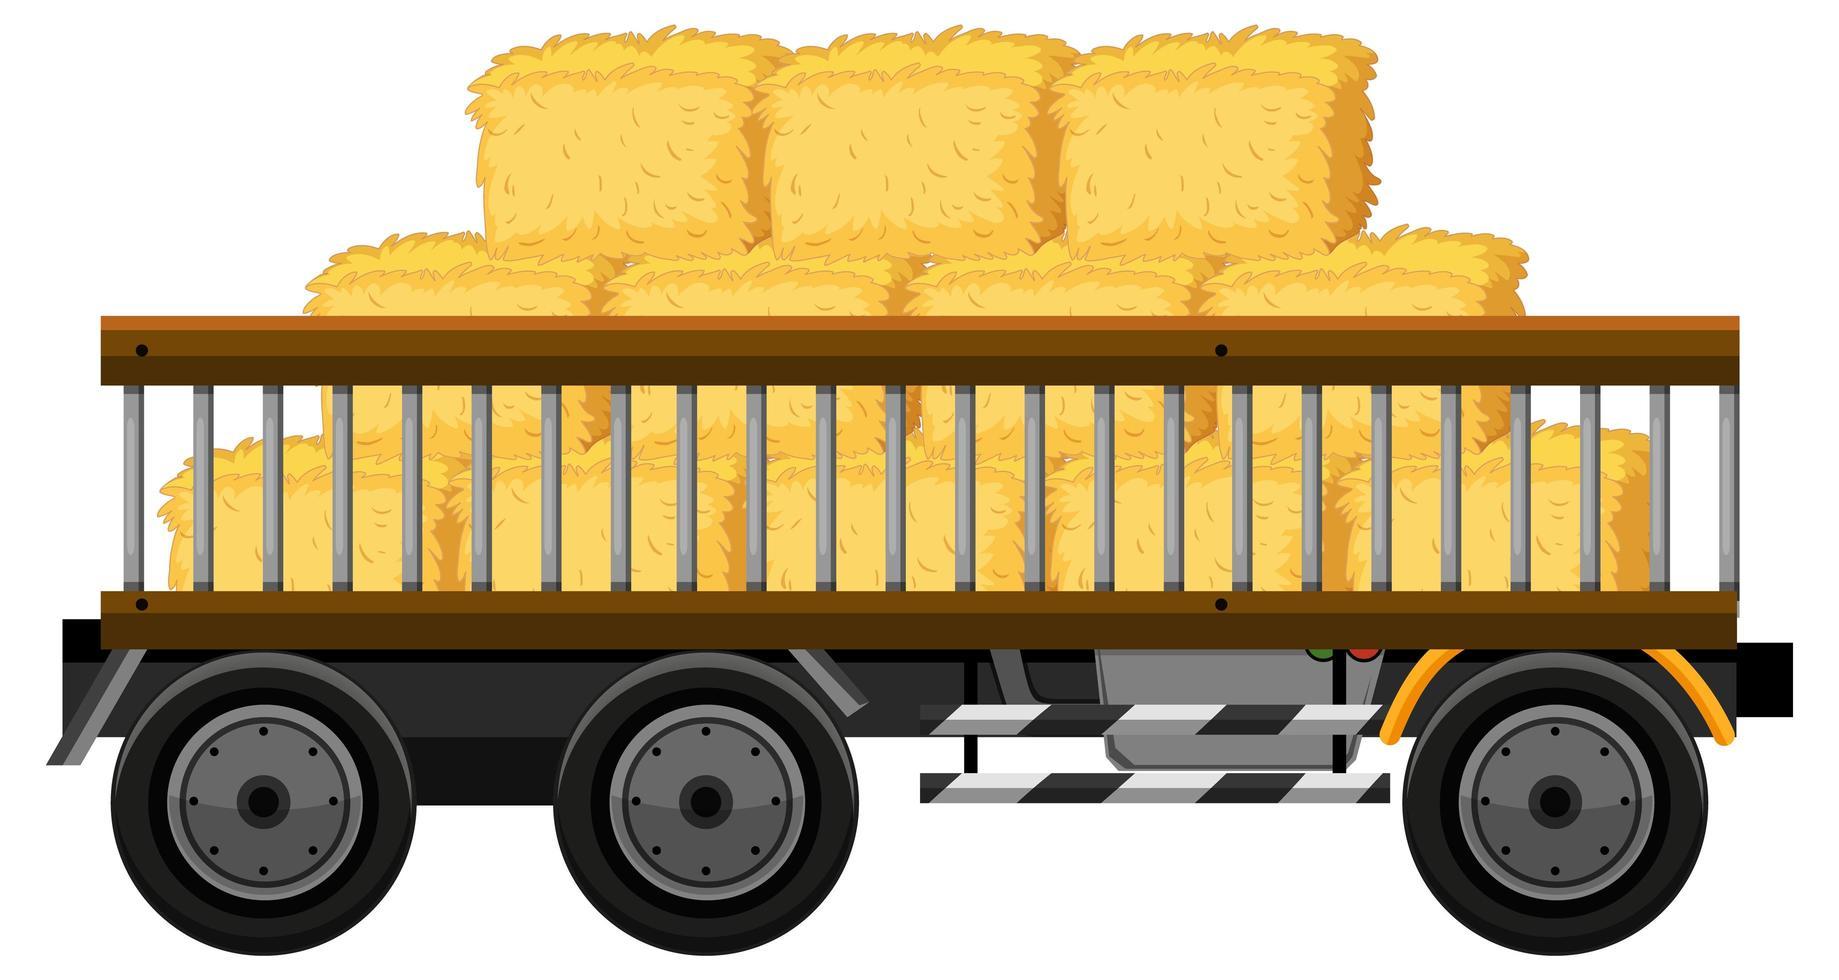 fieno su un carrello isolato su sfondo bianco vettore